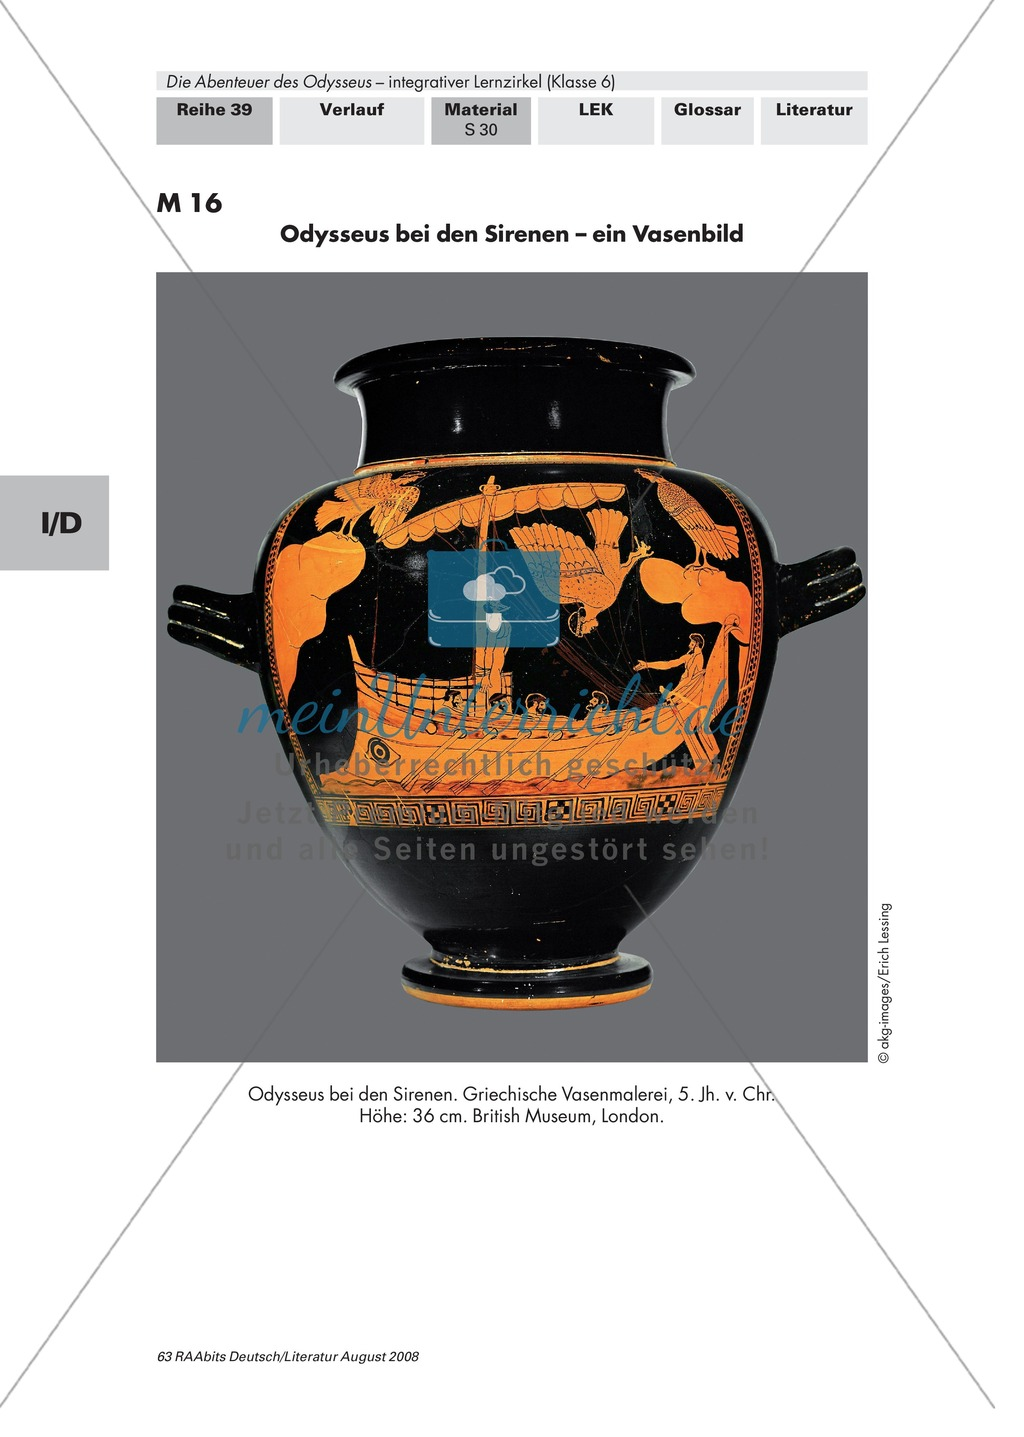 """Sagen der Antike - am Beispiel von Auguste Lechners Jugendbuch """"Die Abenteuer des Odysseus"""": Inhaltliche Vertiefung - Odysseus und die Sirenen Preview 2"""